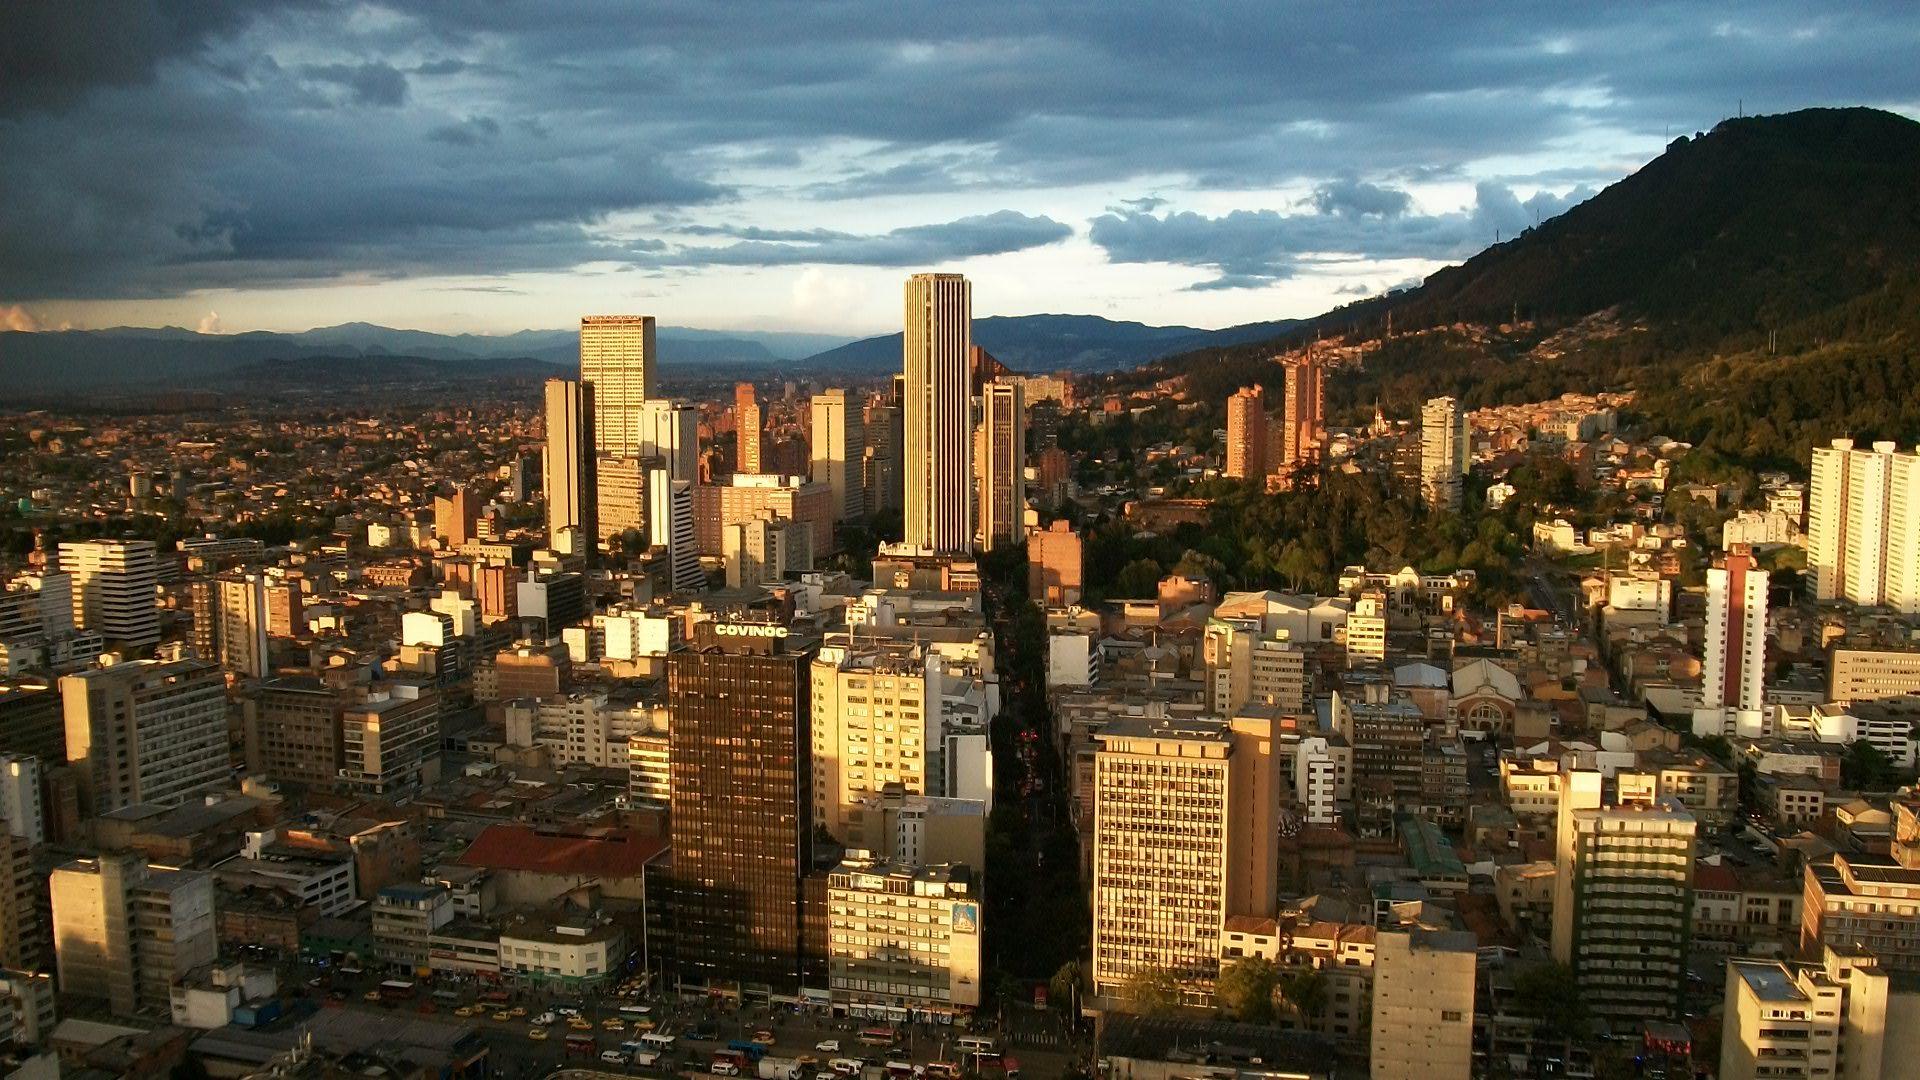 Autoridades buscan a autores de explosión en Bogotá